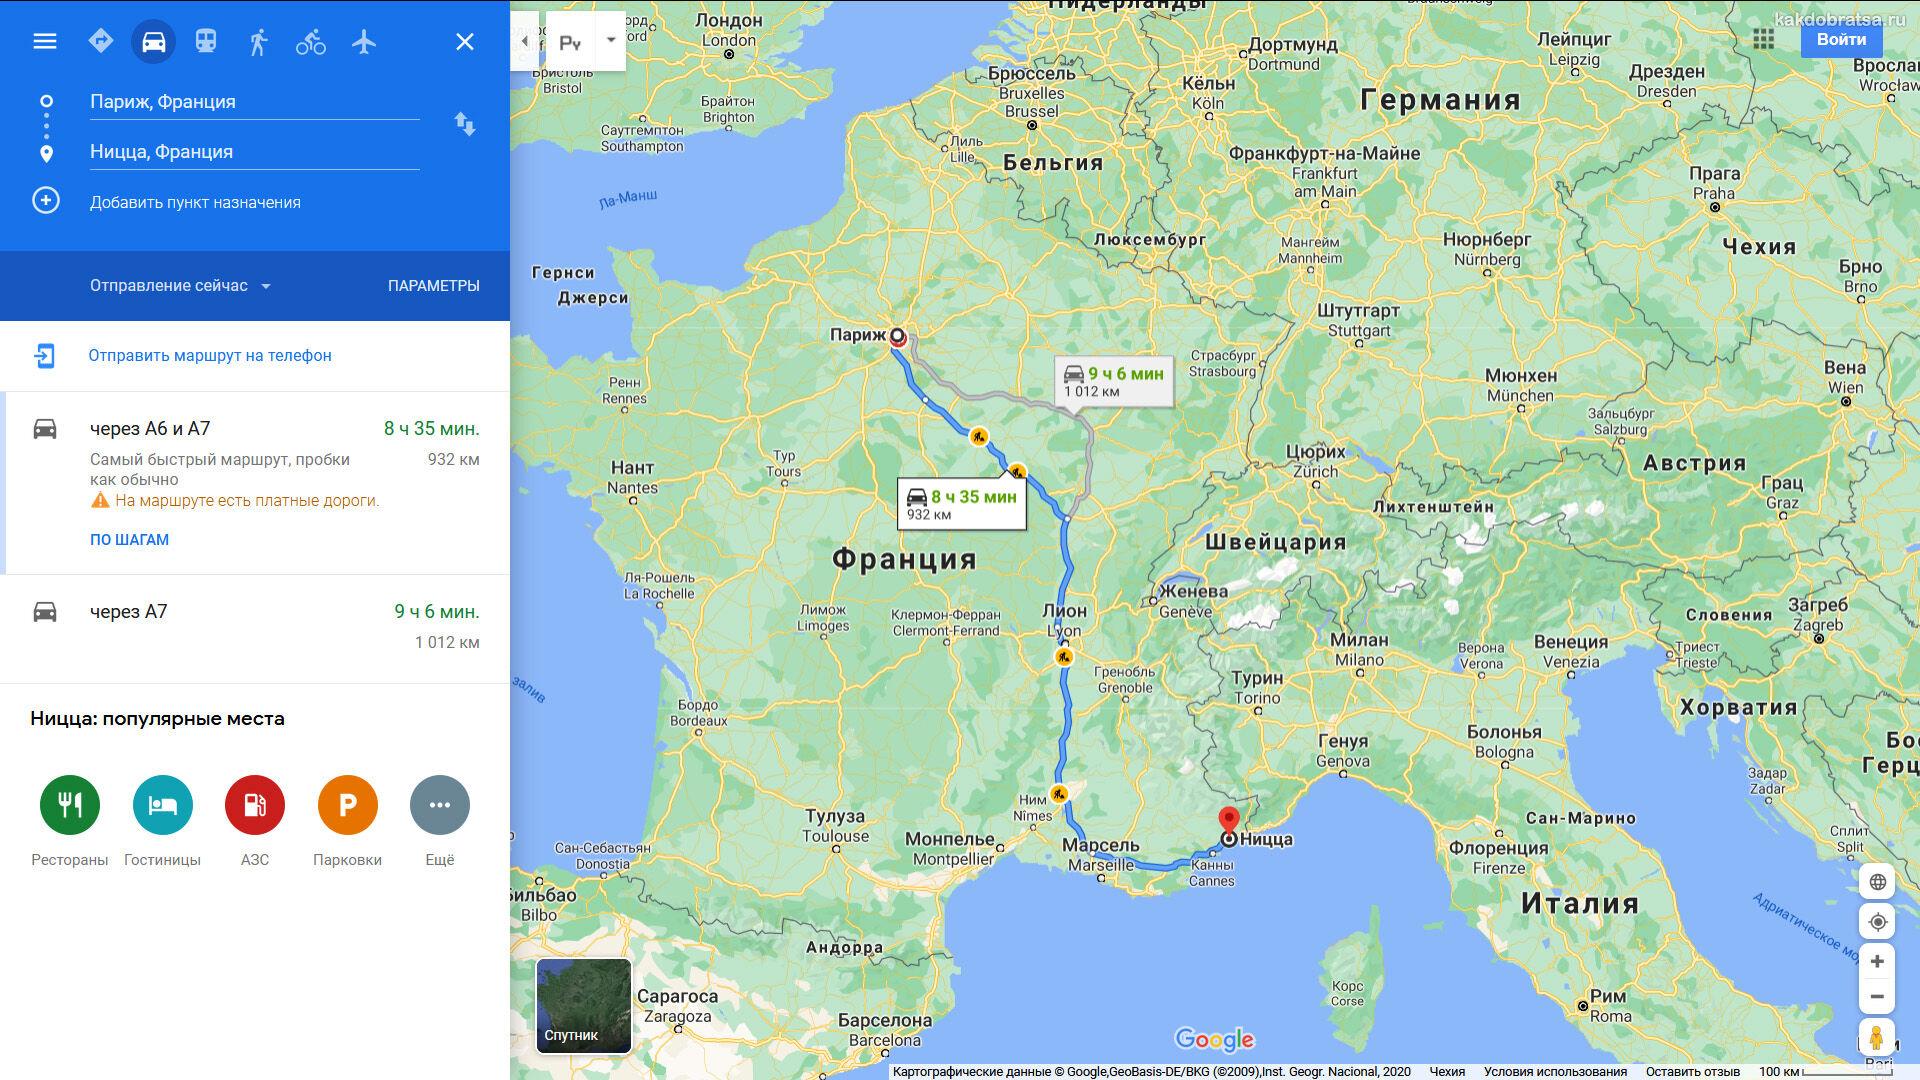 Париж Ницца расстояние и путь по карте